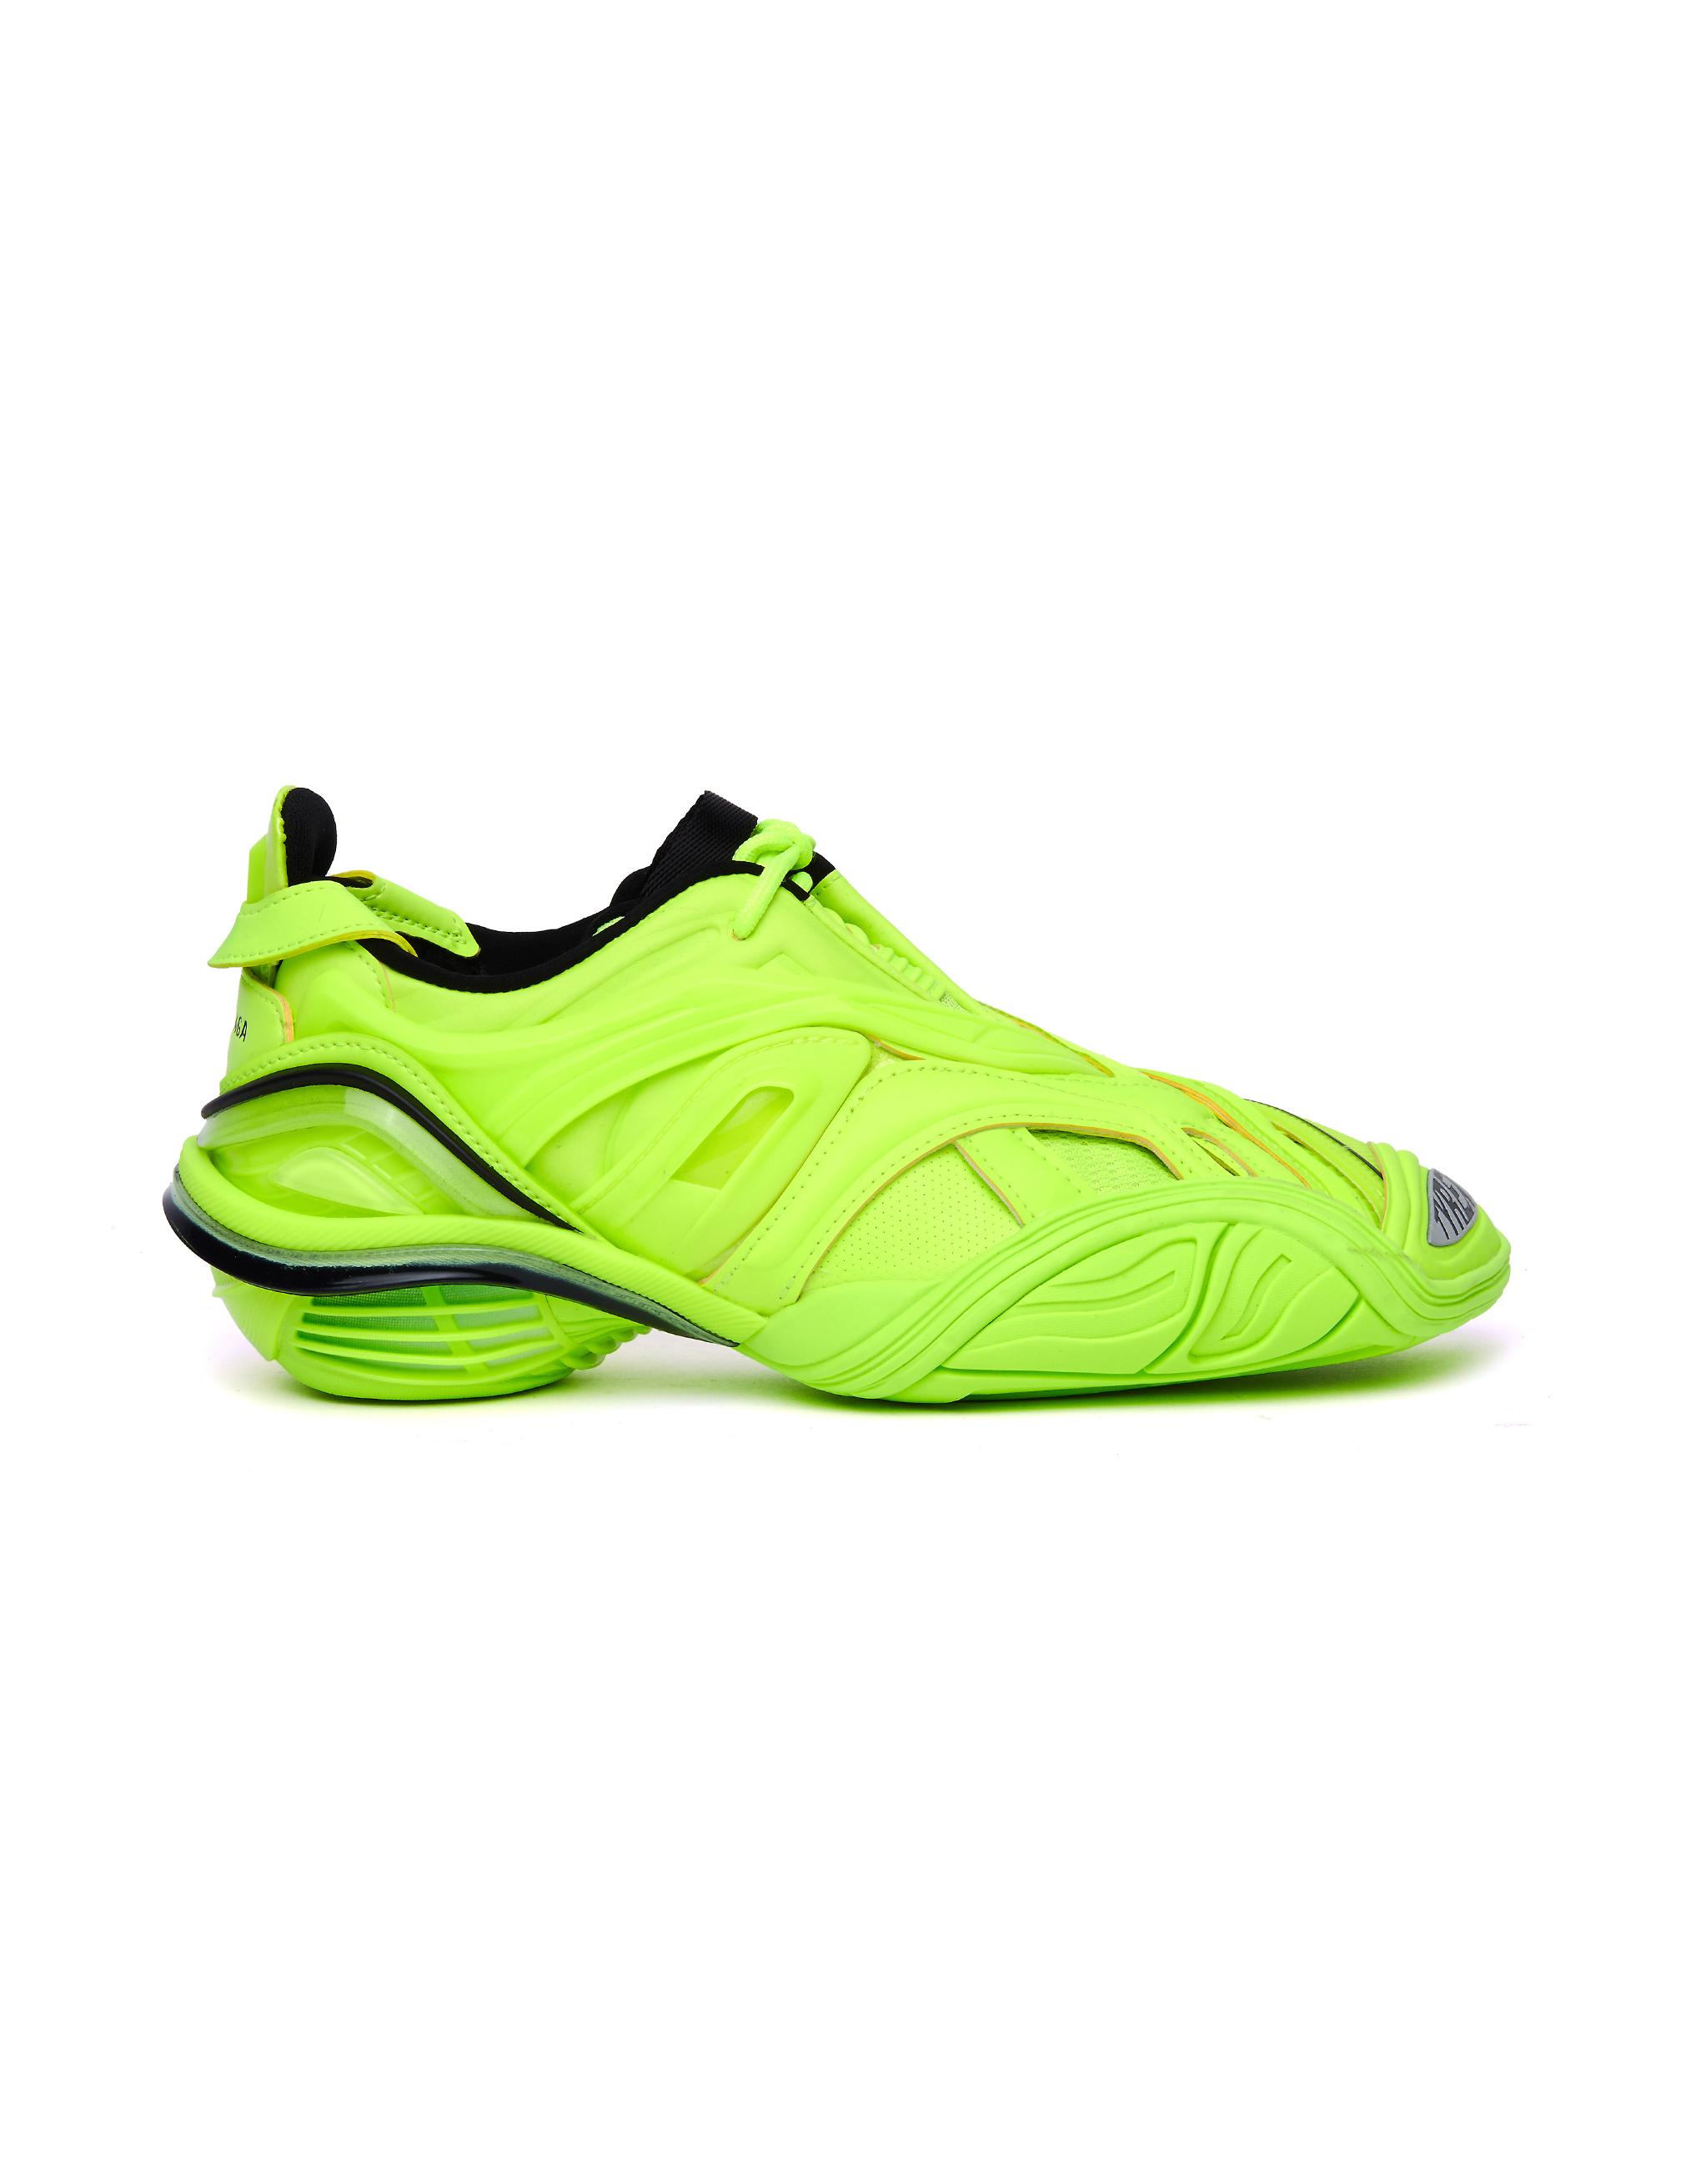 Balenciaga Tyrex Neon Yellow Sneakers